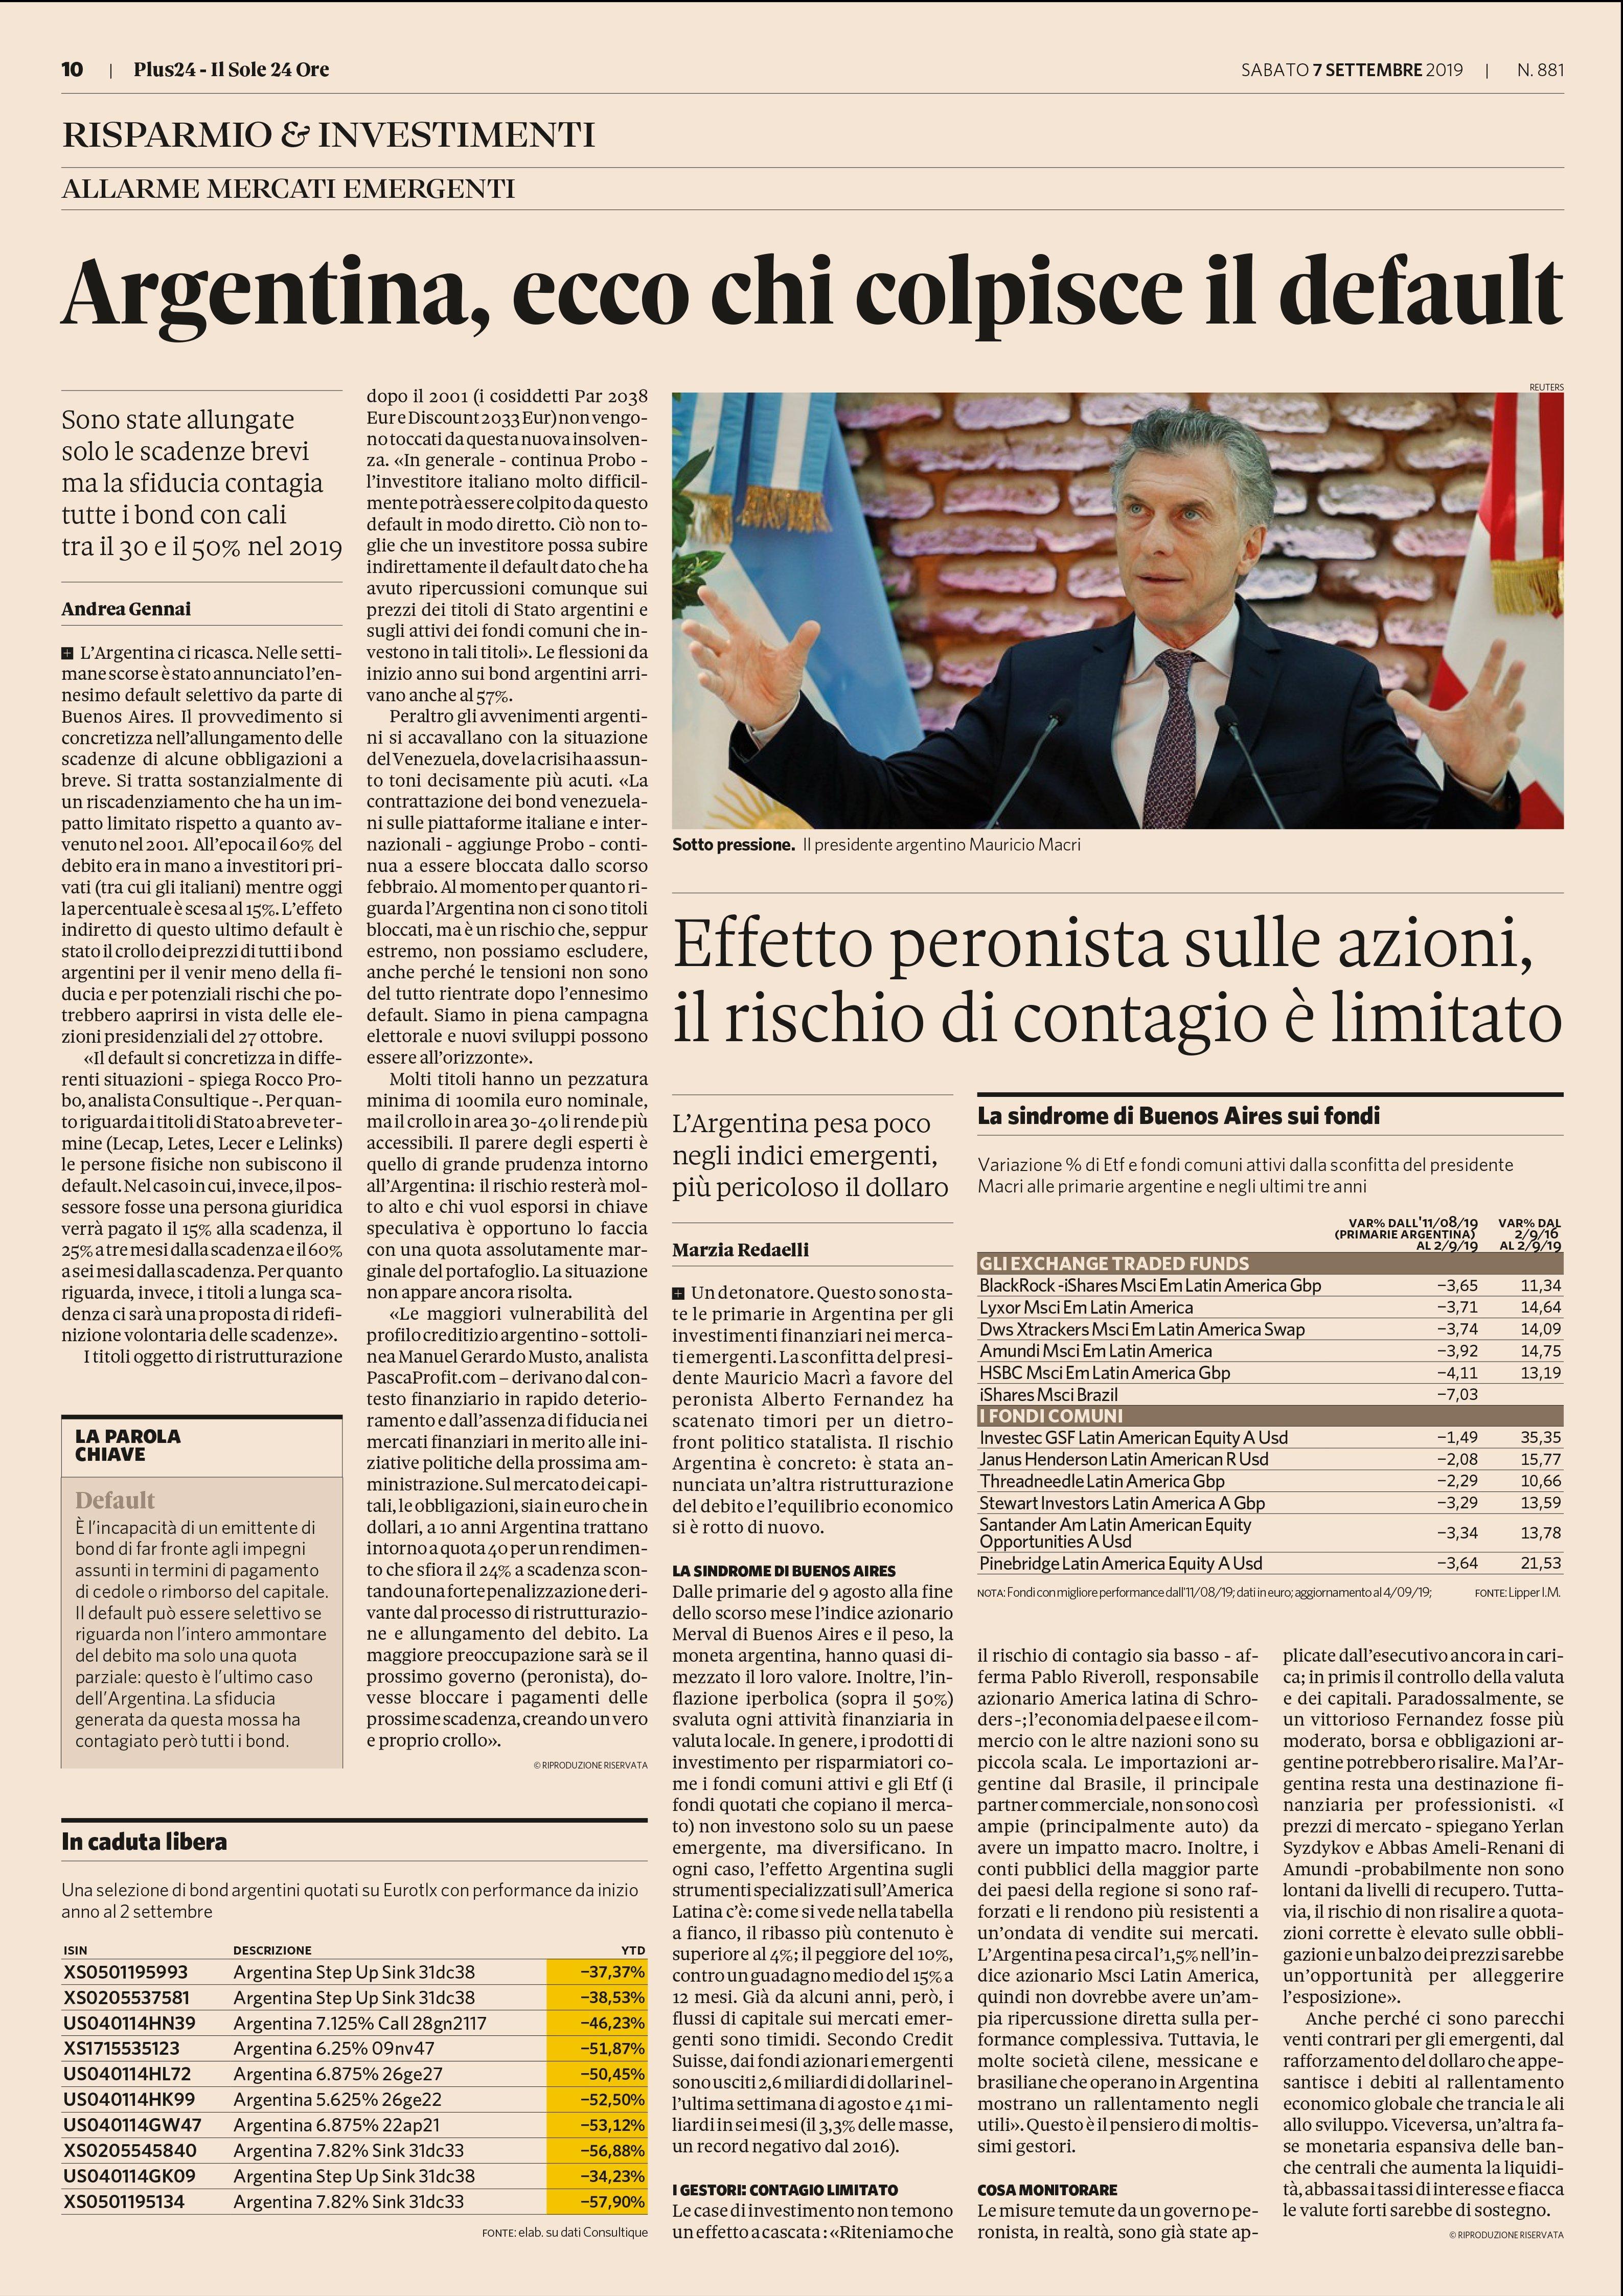 Articolo del sole24ore - Argentina, ecco chi colpisce il default